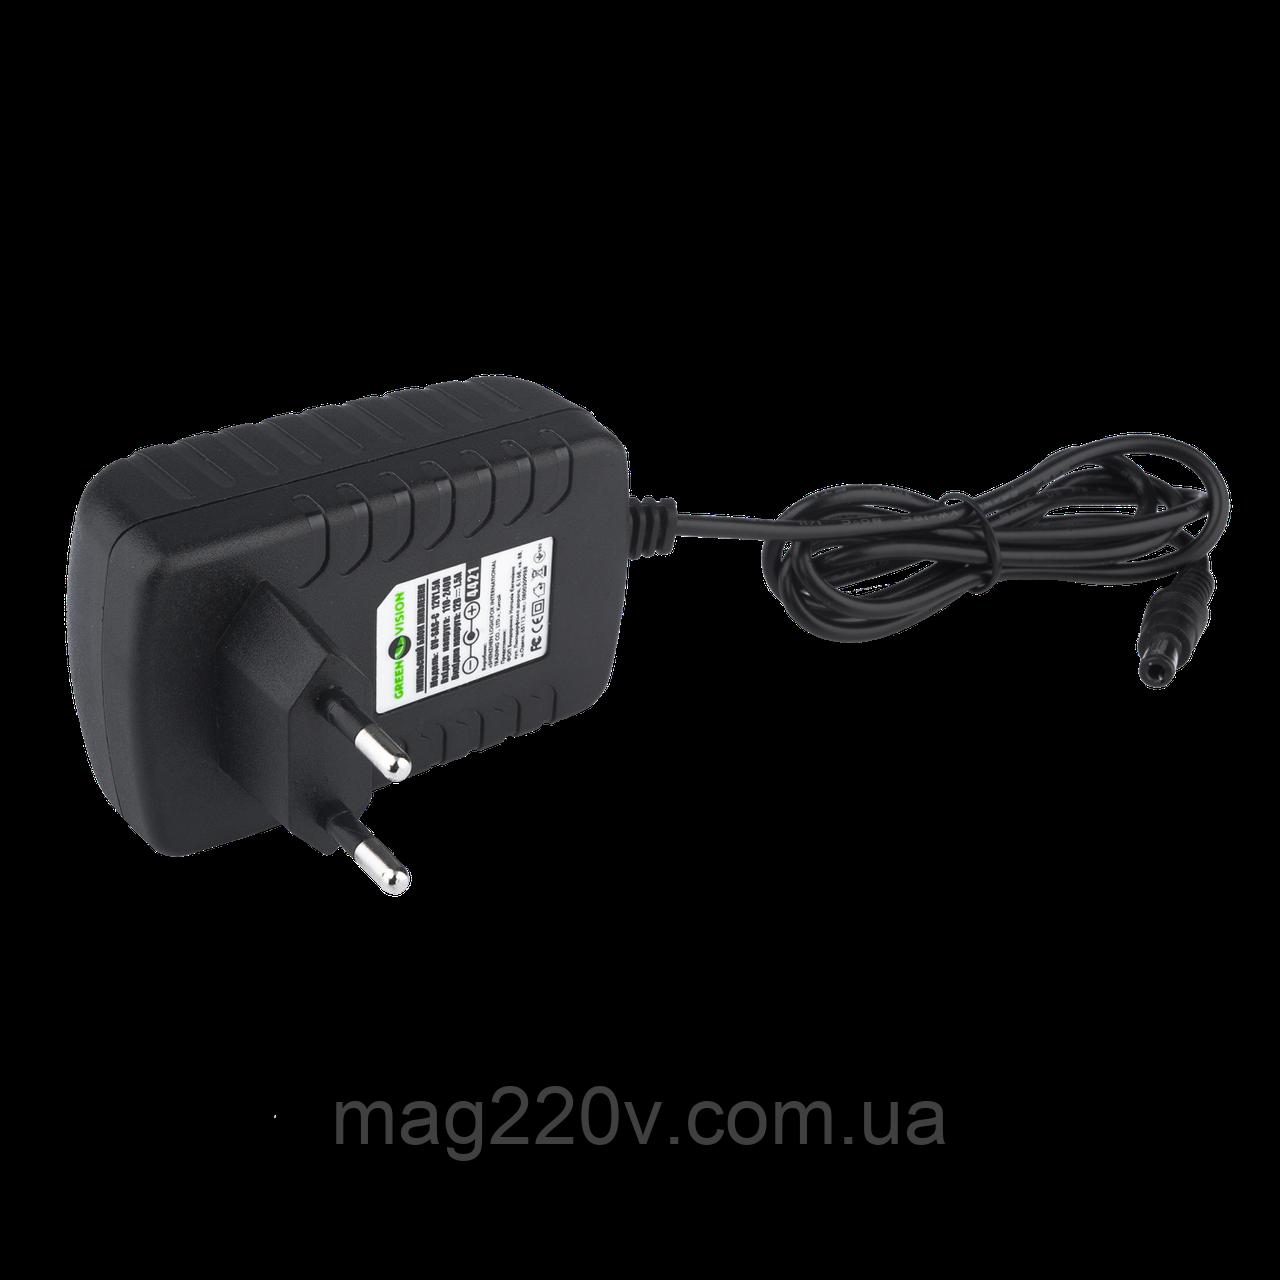 Импульсный адаптер питания Green Vision GV-SAS-T 12V1.5A